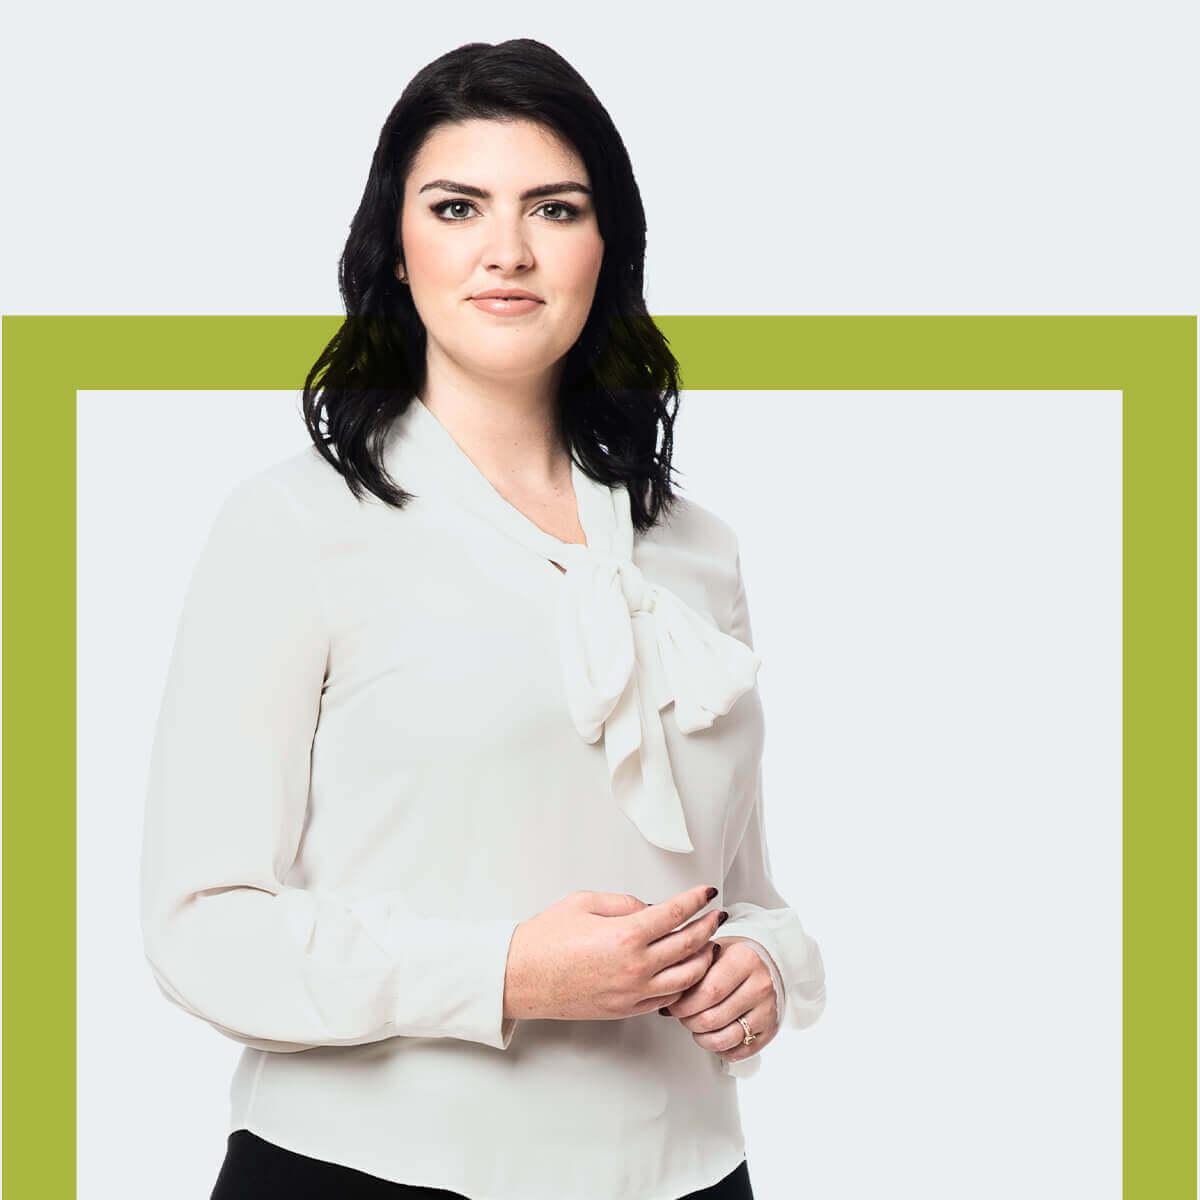 Marie-Eve Nowlan, stagiaire en droit chez Fidelis Law Droit